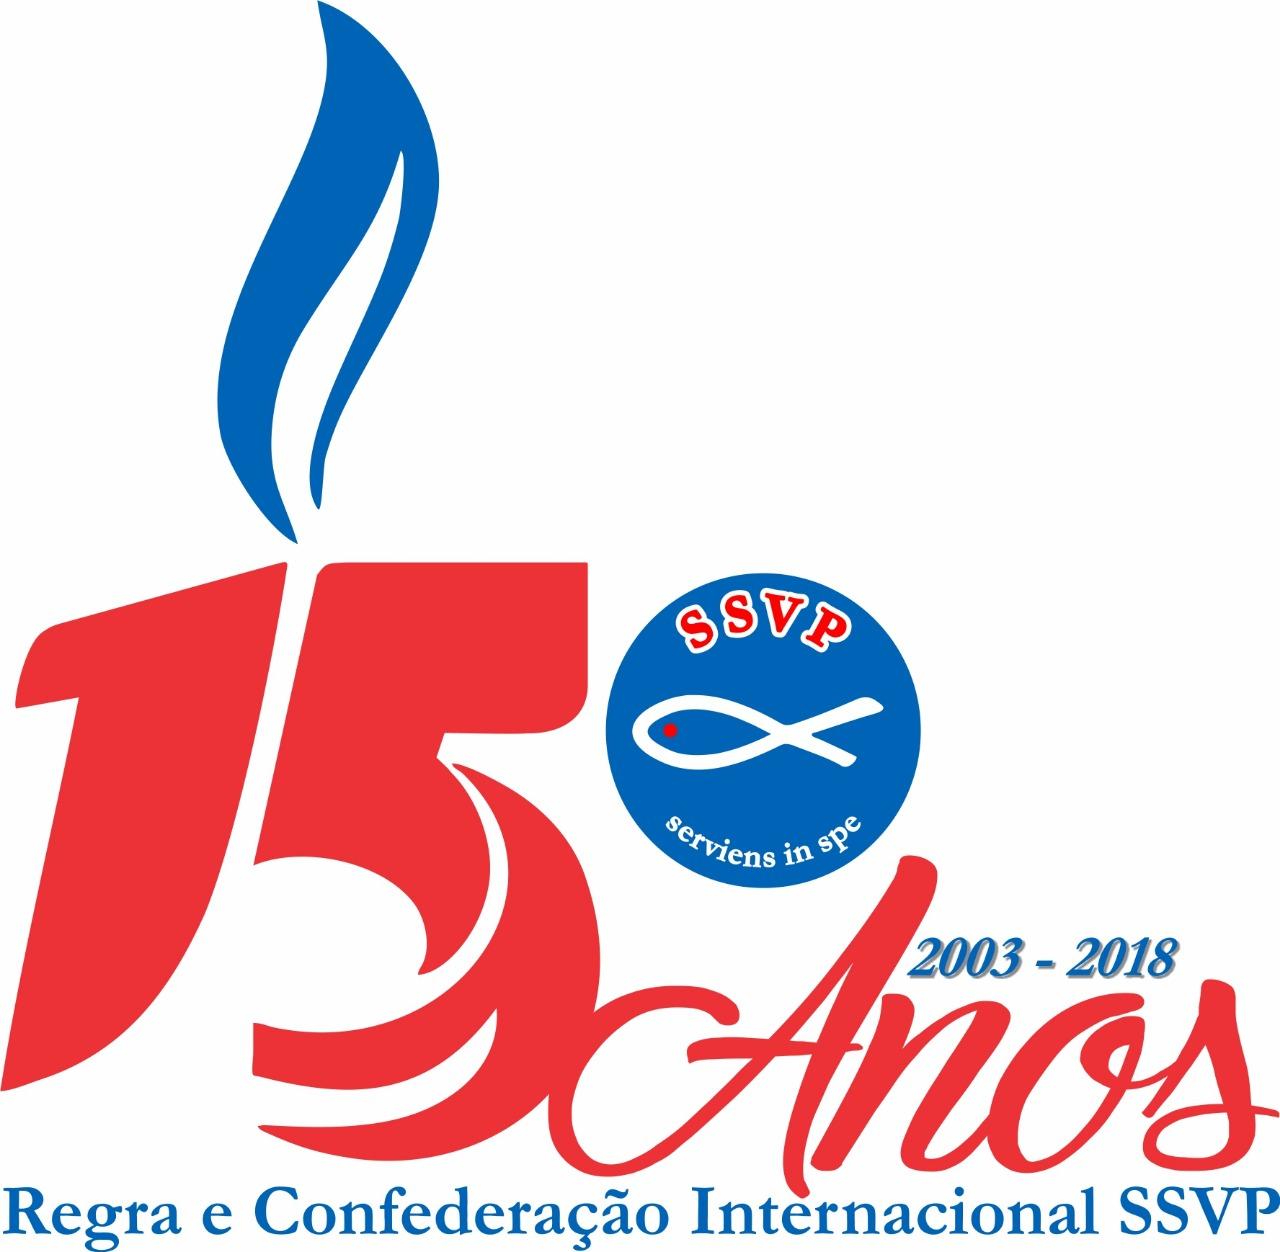 Conselho Geral está em festa: celebramos hoje os 15 anos da Regra e da Confederação